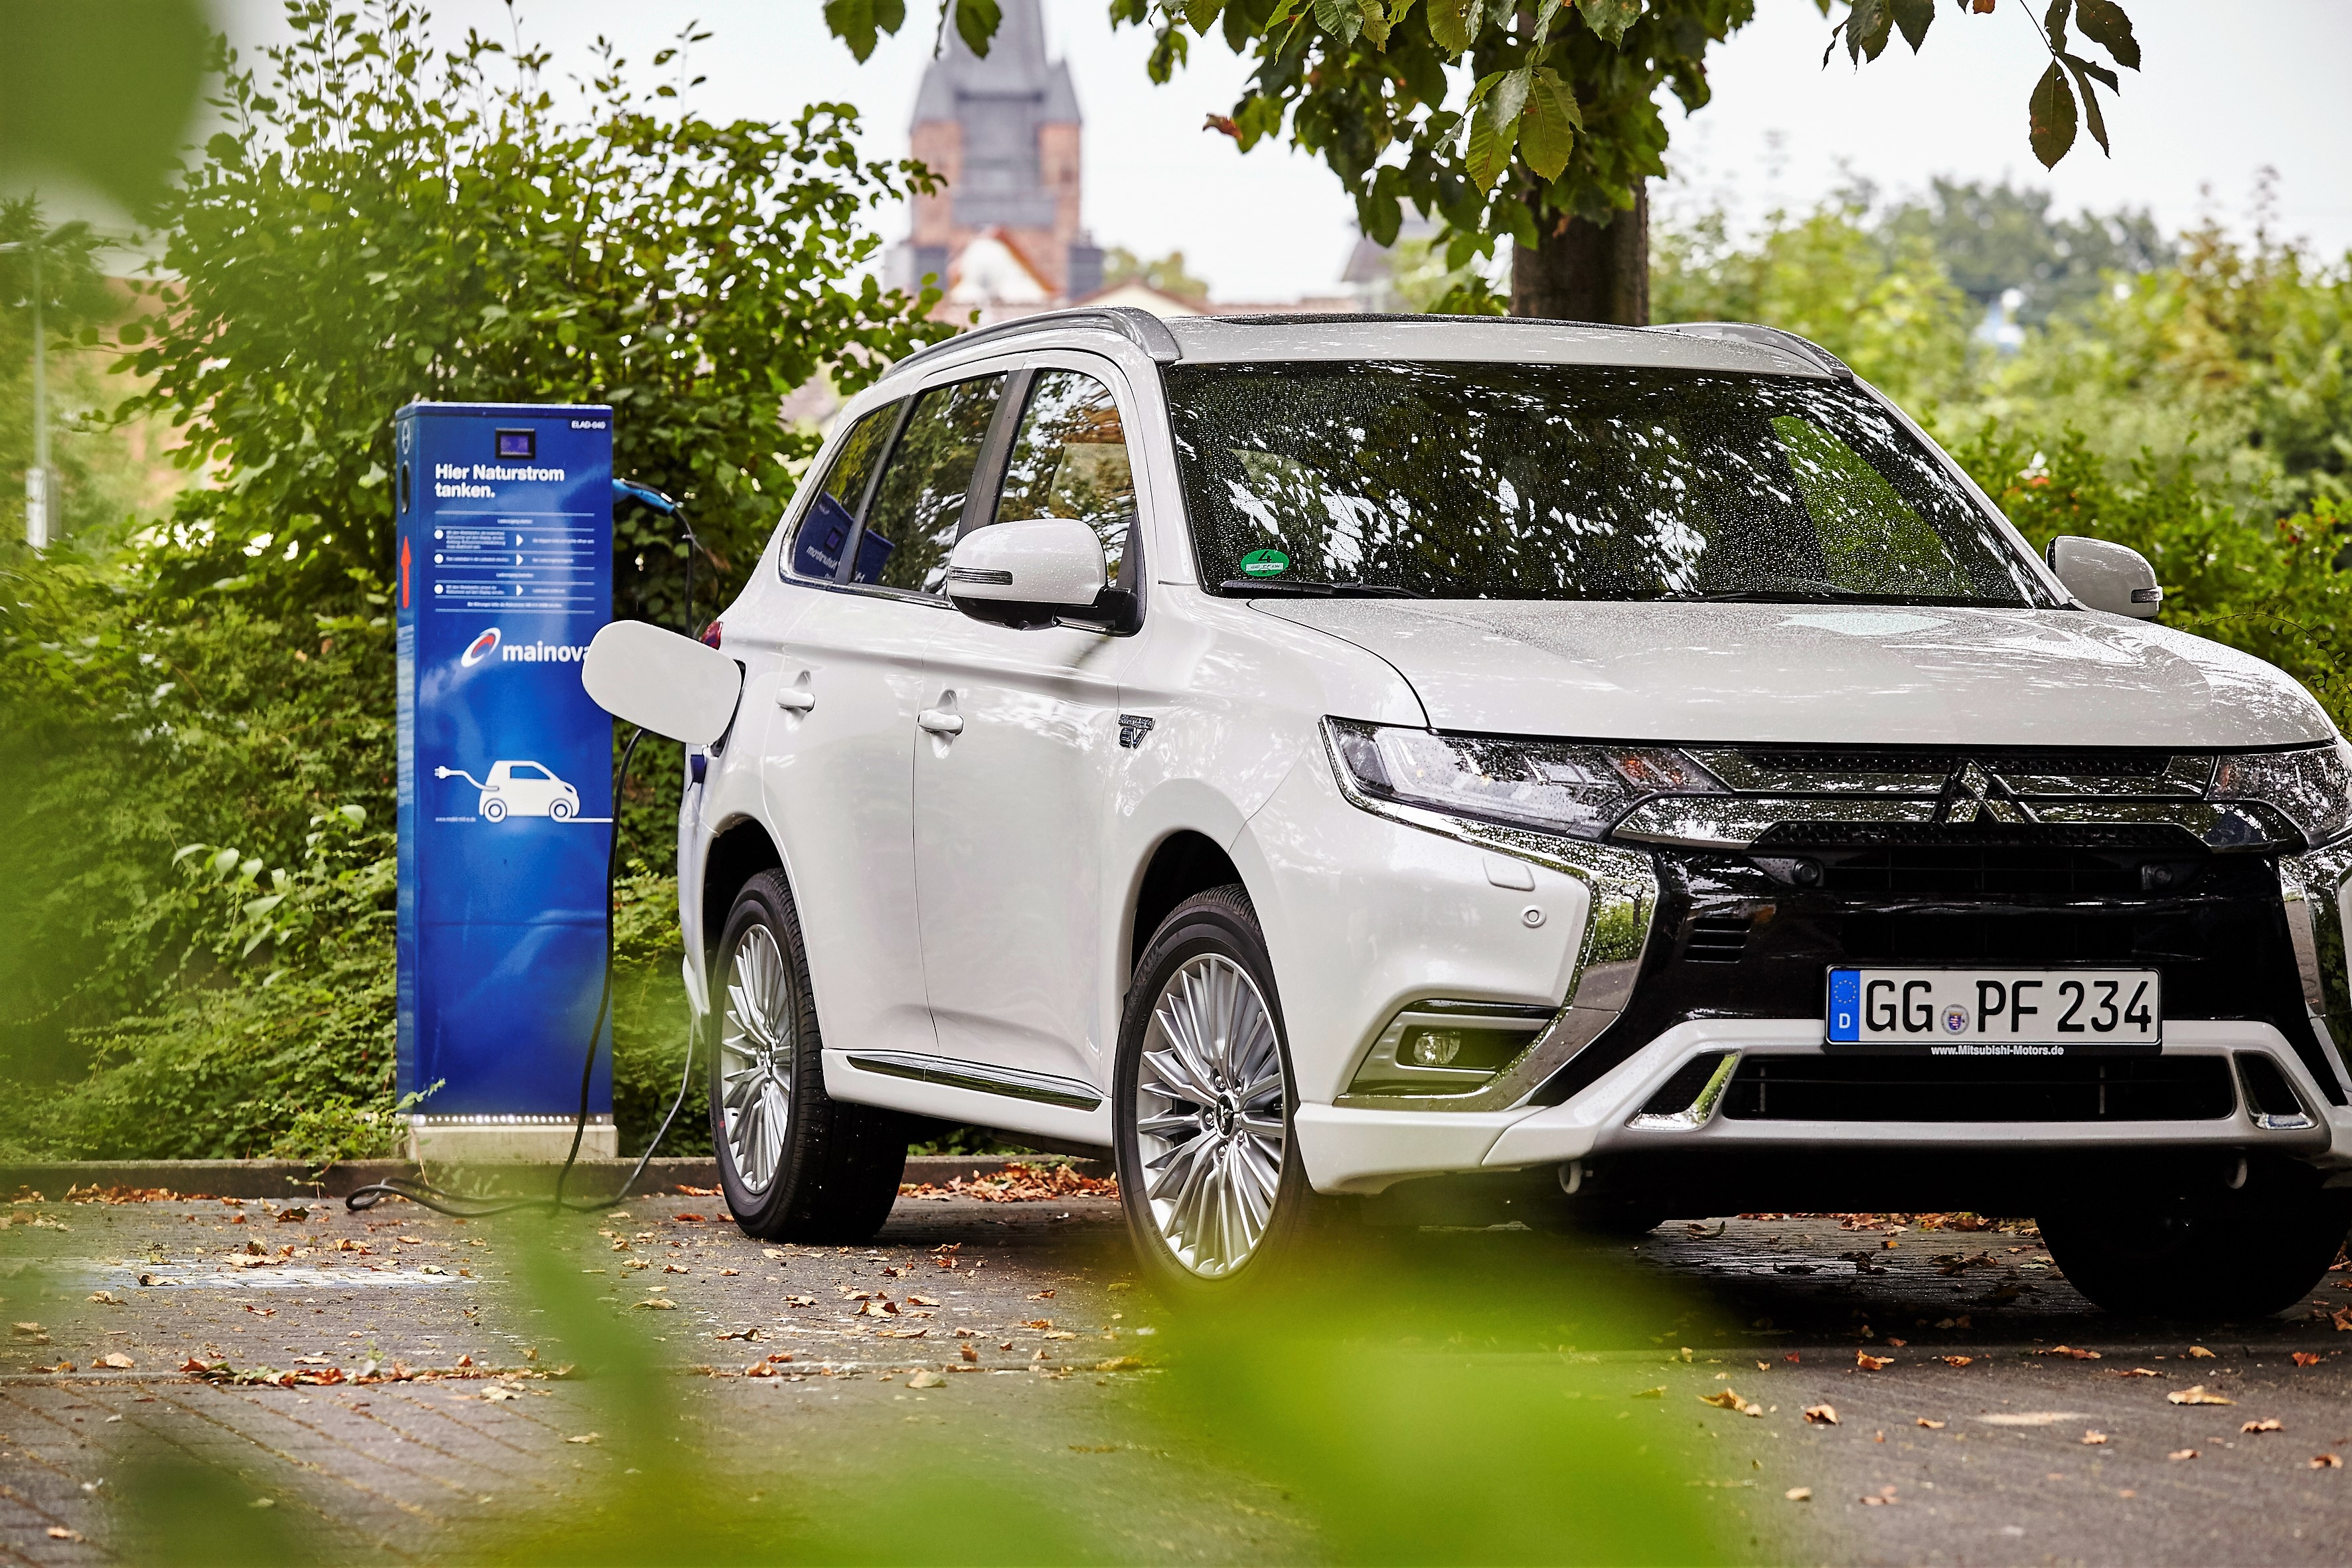 Mitsubishi Outlander Plug In Hybrid Profitiert Von Dienstwagen Besteuerung Die Testfahrer Auto Und Reise Magazin